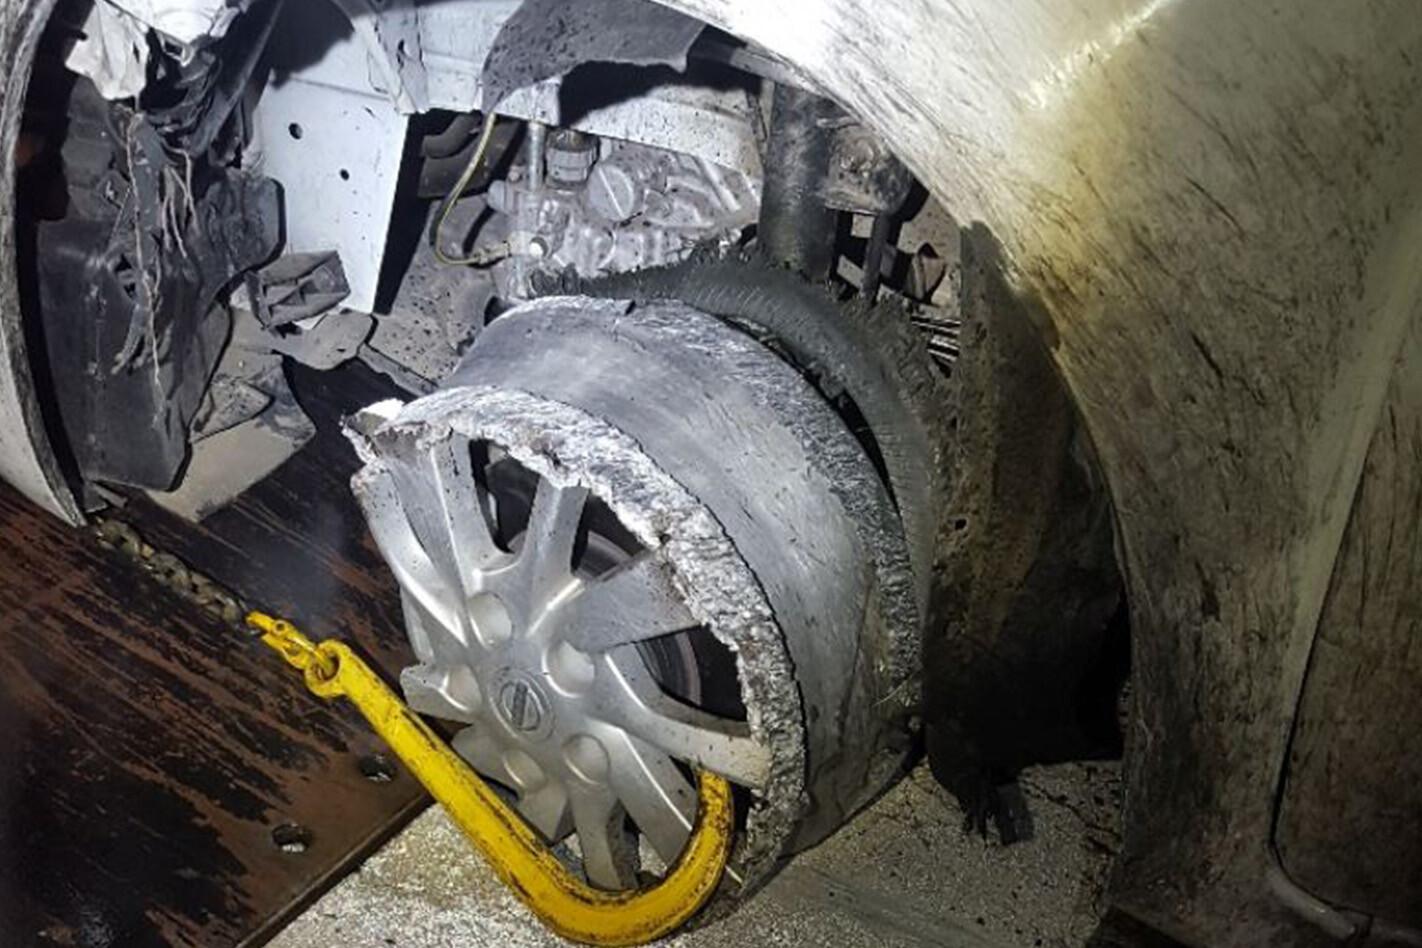 Flat Tyre Warryndyte 1422 Jpg